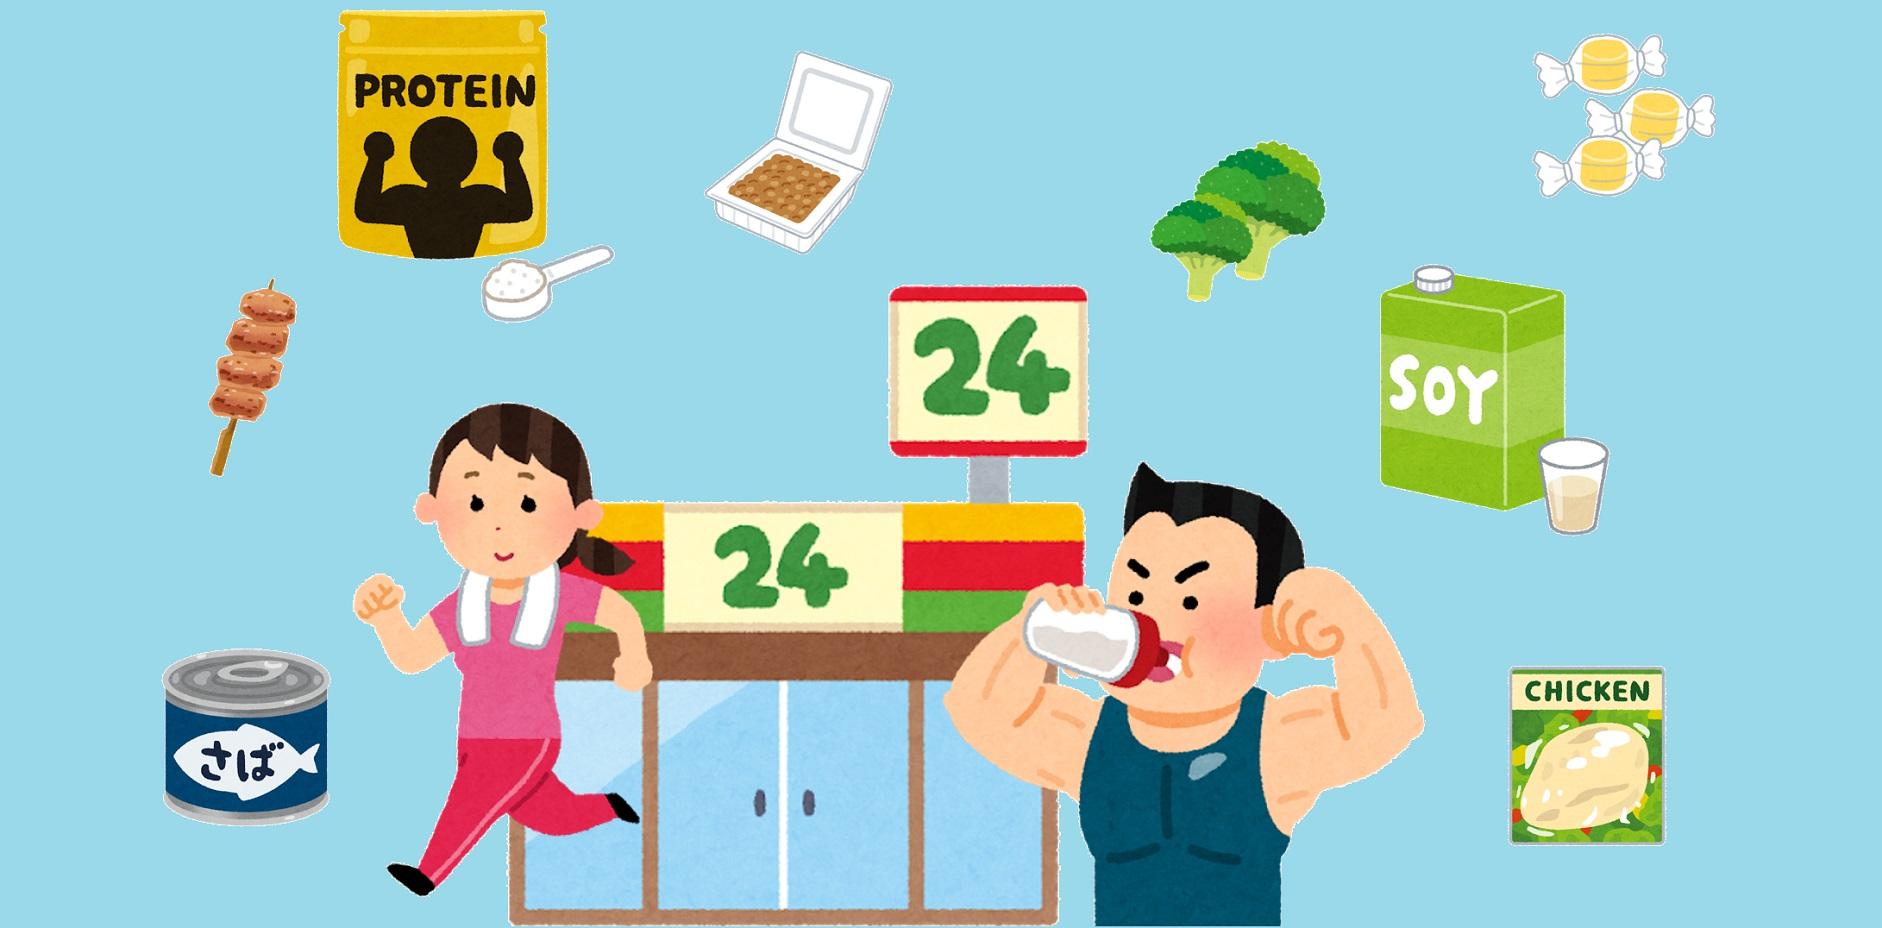 コンビニでおすすめの食べ物は?筋トレ、糖質制限、ダイエット……選ぶべき食材を目的別に紹介